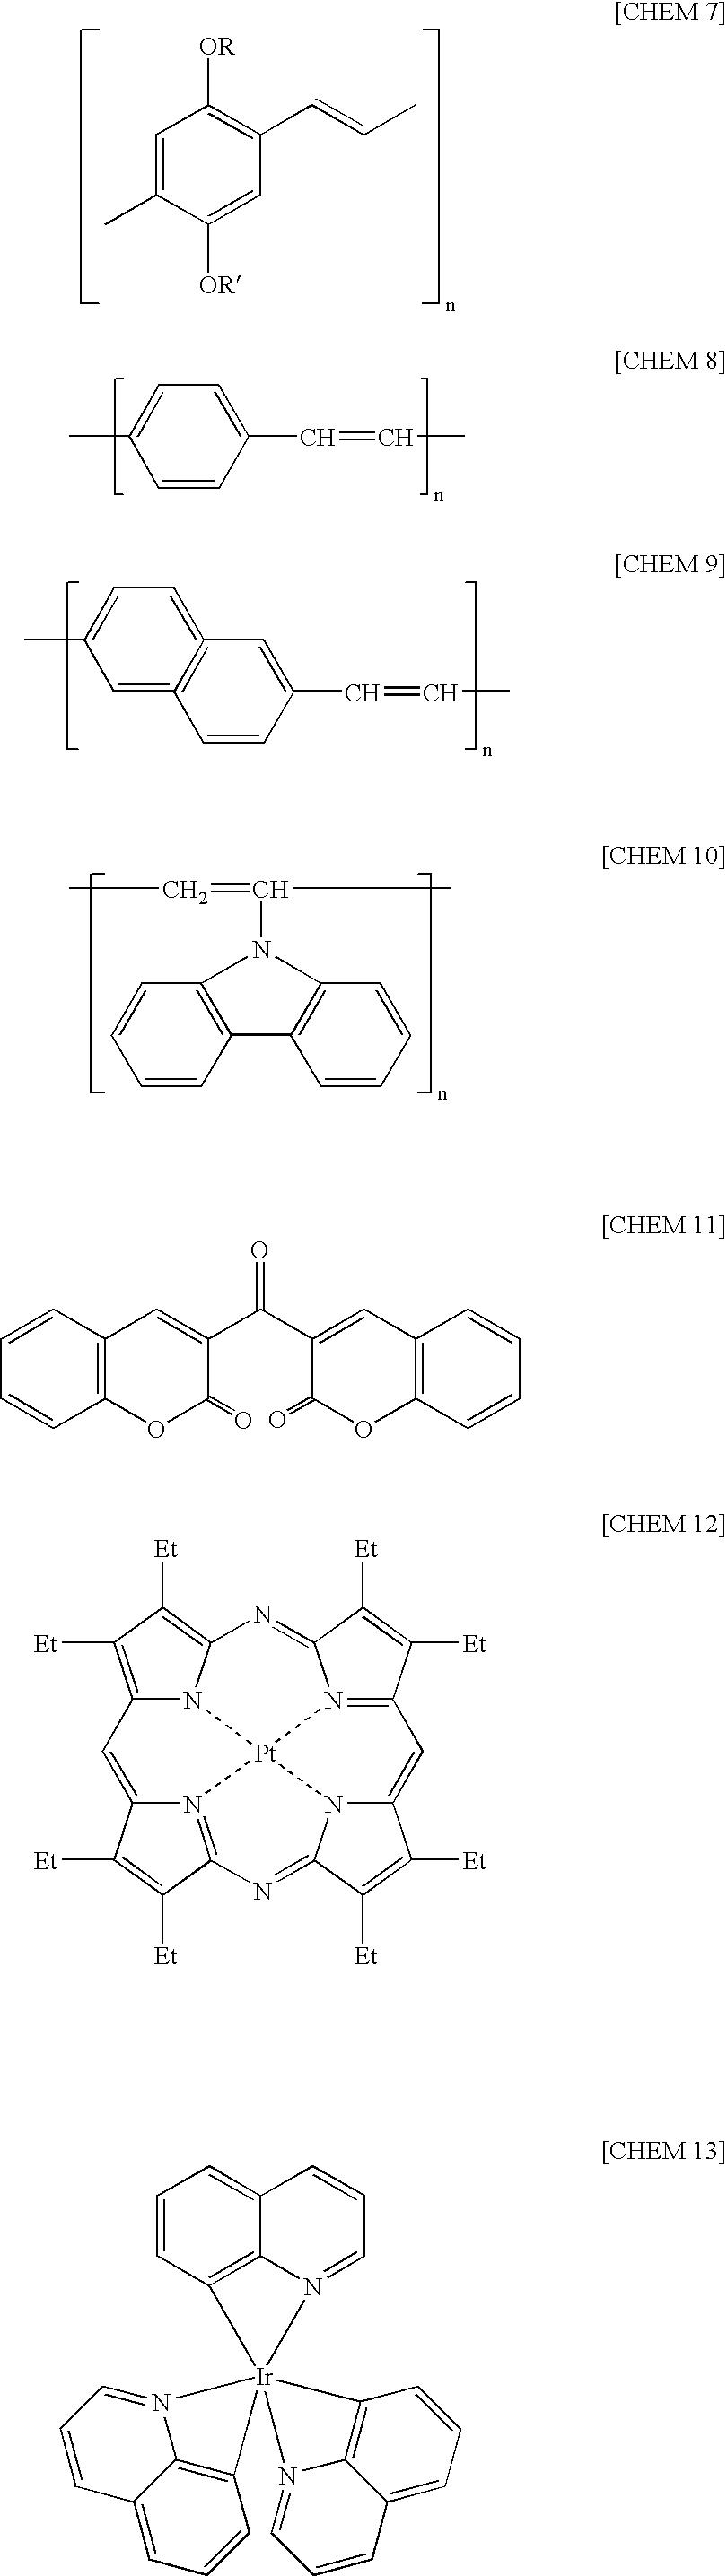 Figure US07462501-20081209-C00002